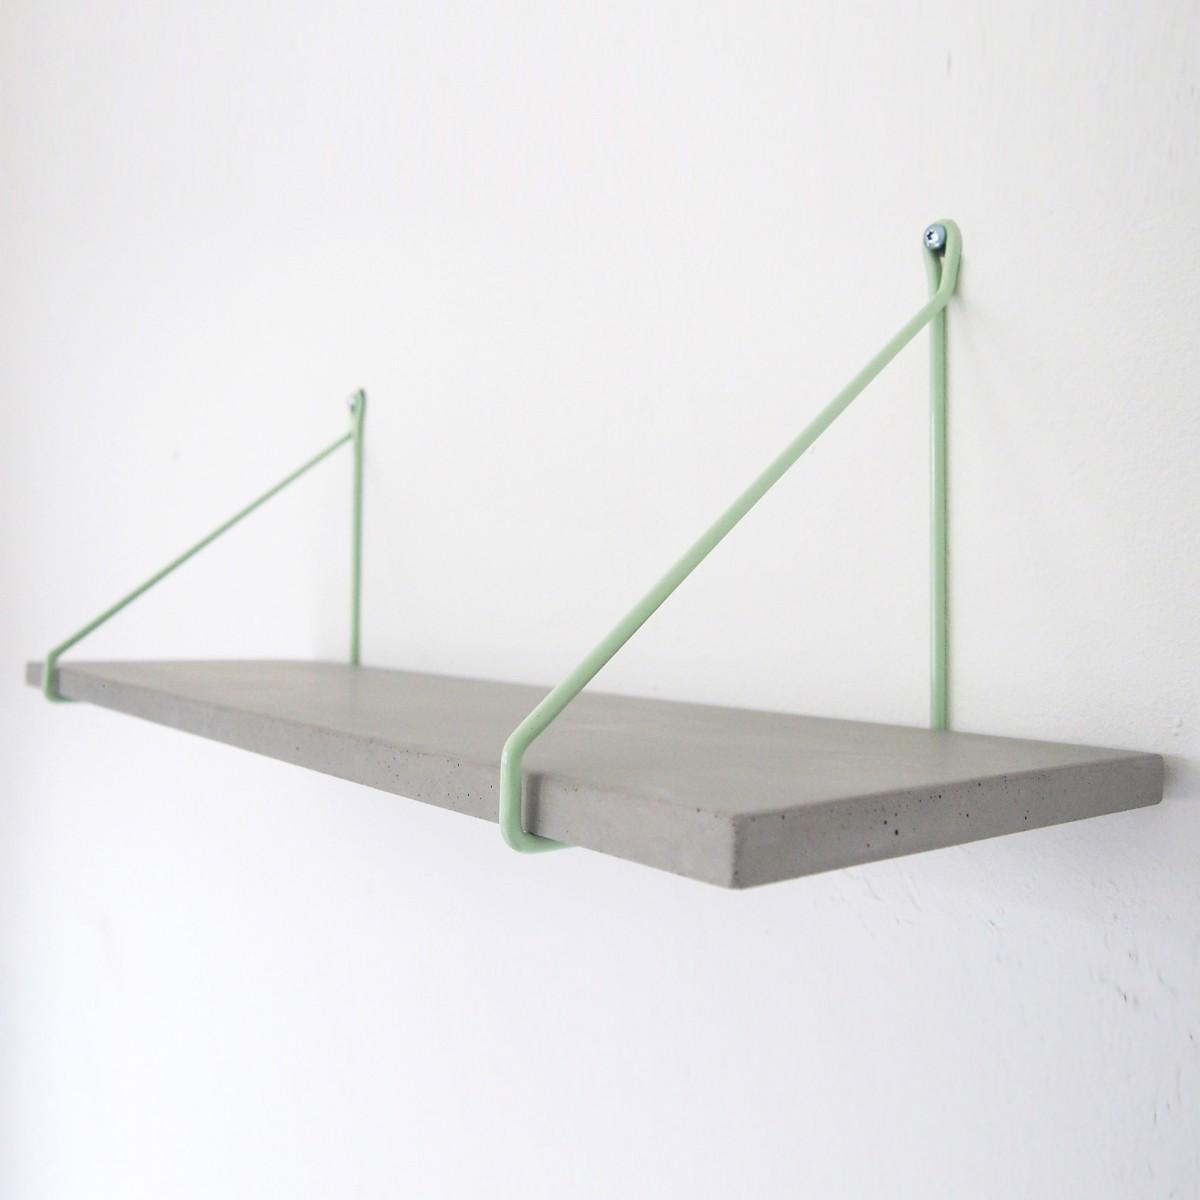 moij design Uphangen - Betonregal 60 cm